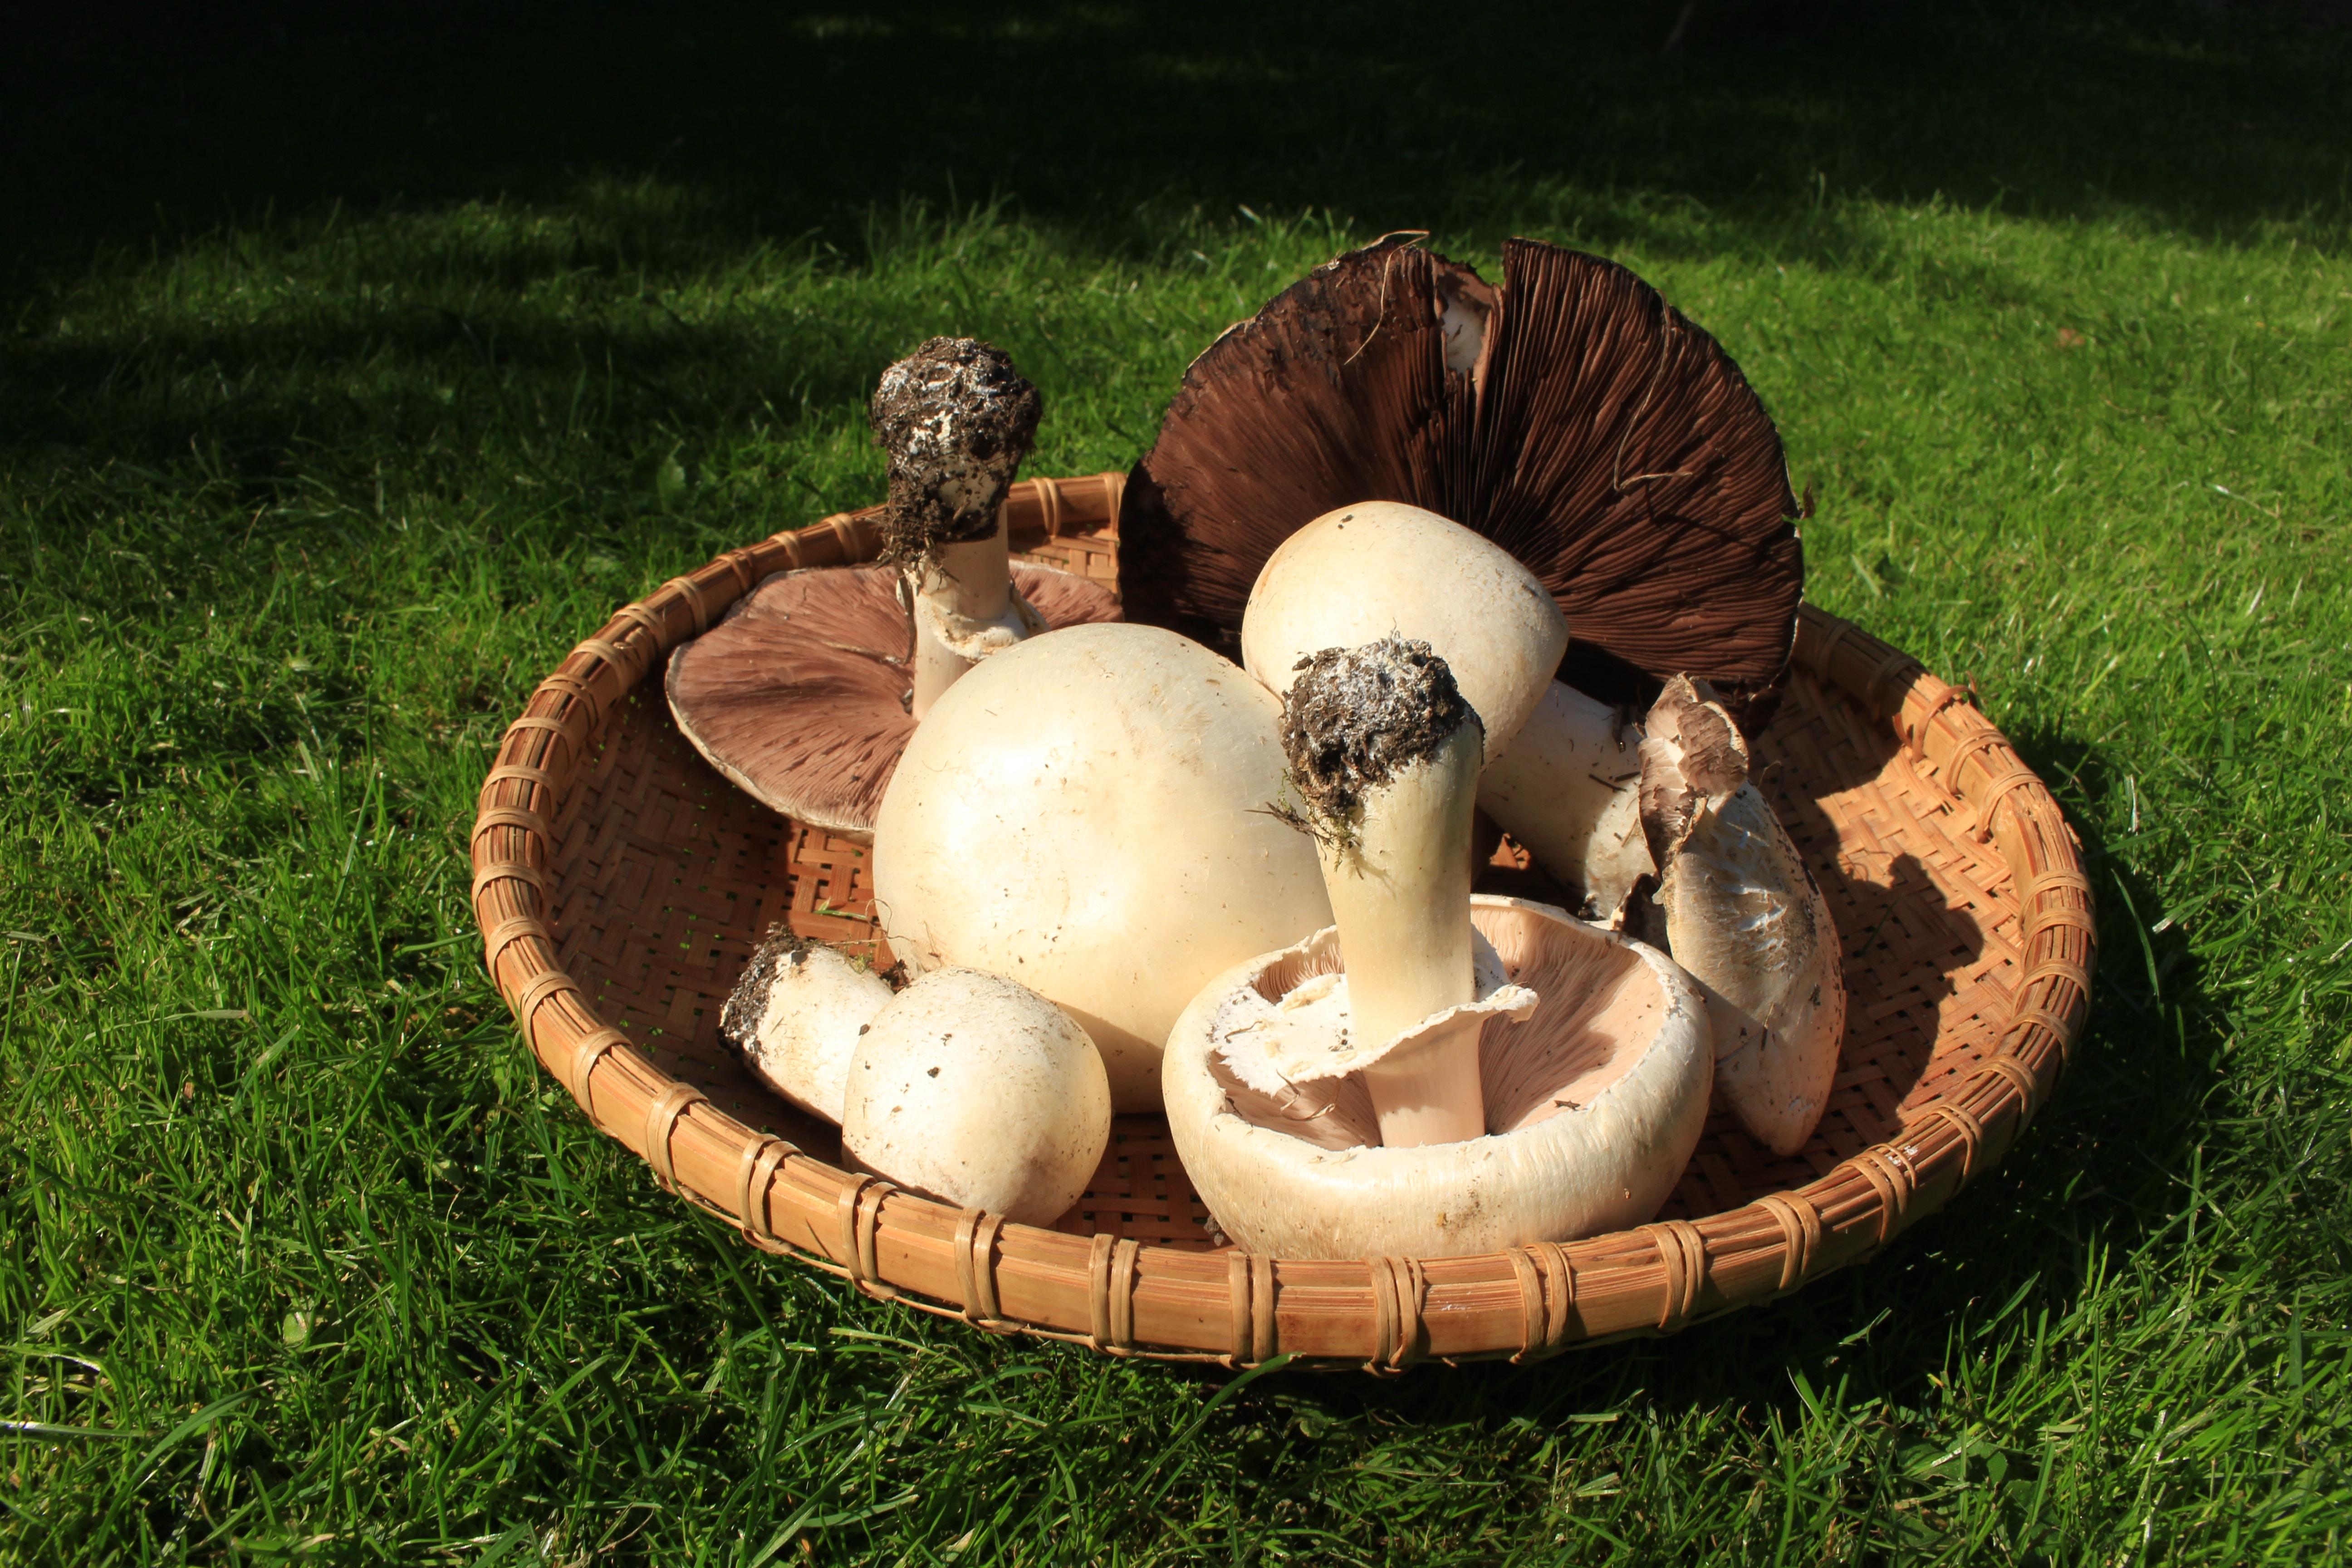 white and brown mushroom on brown winnowing basket